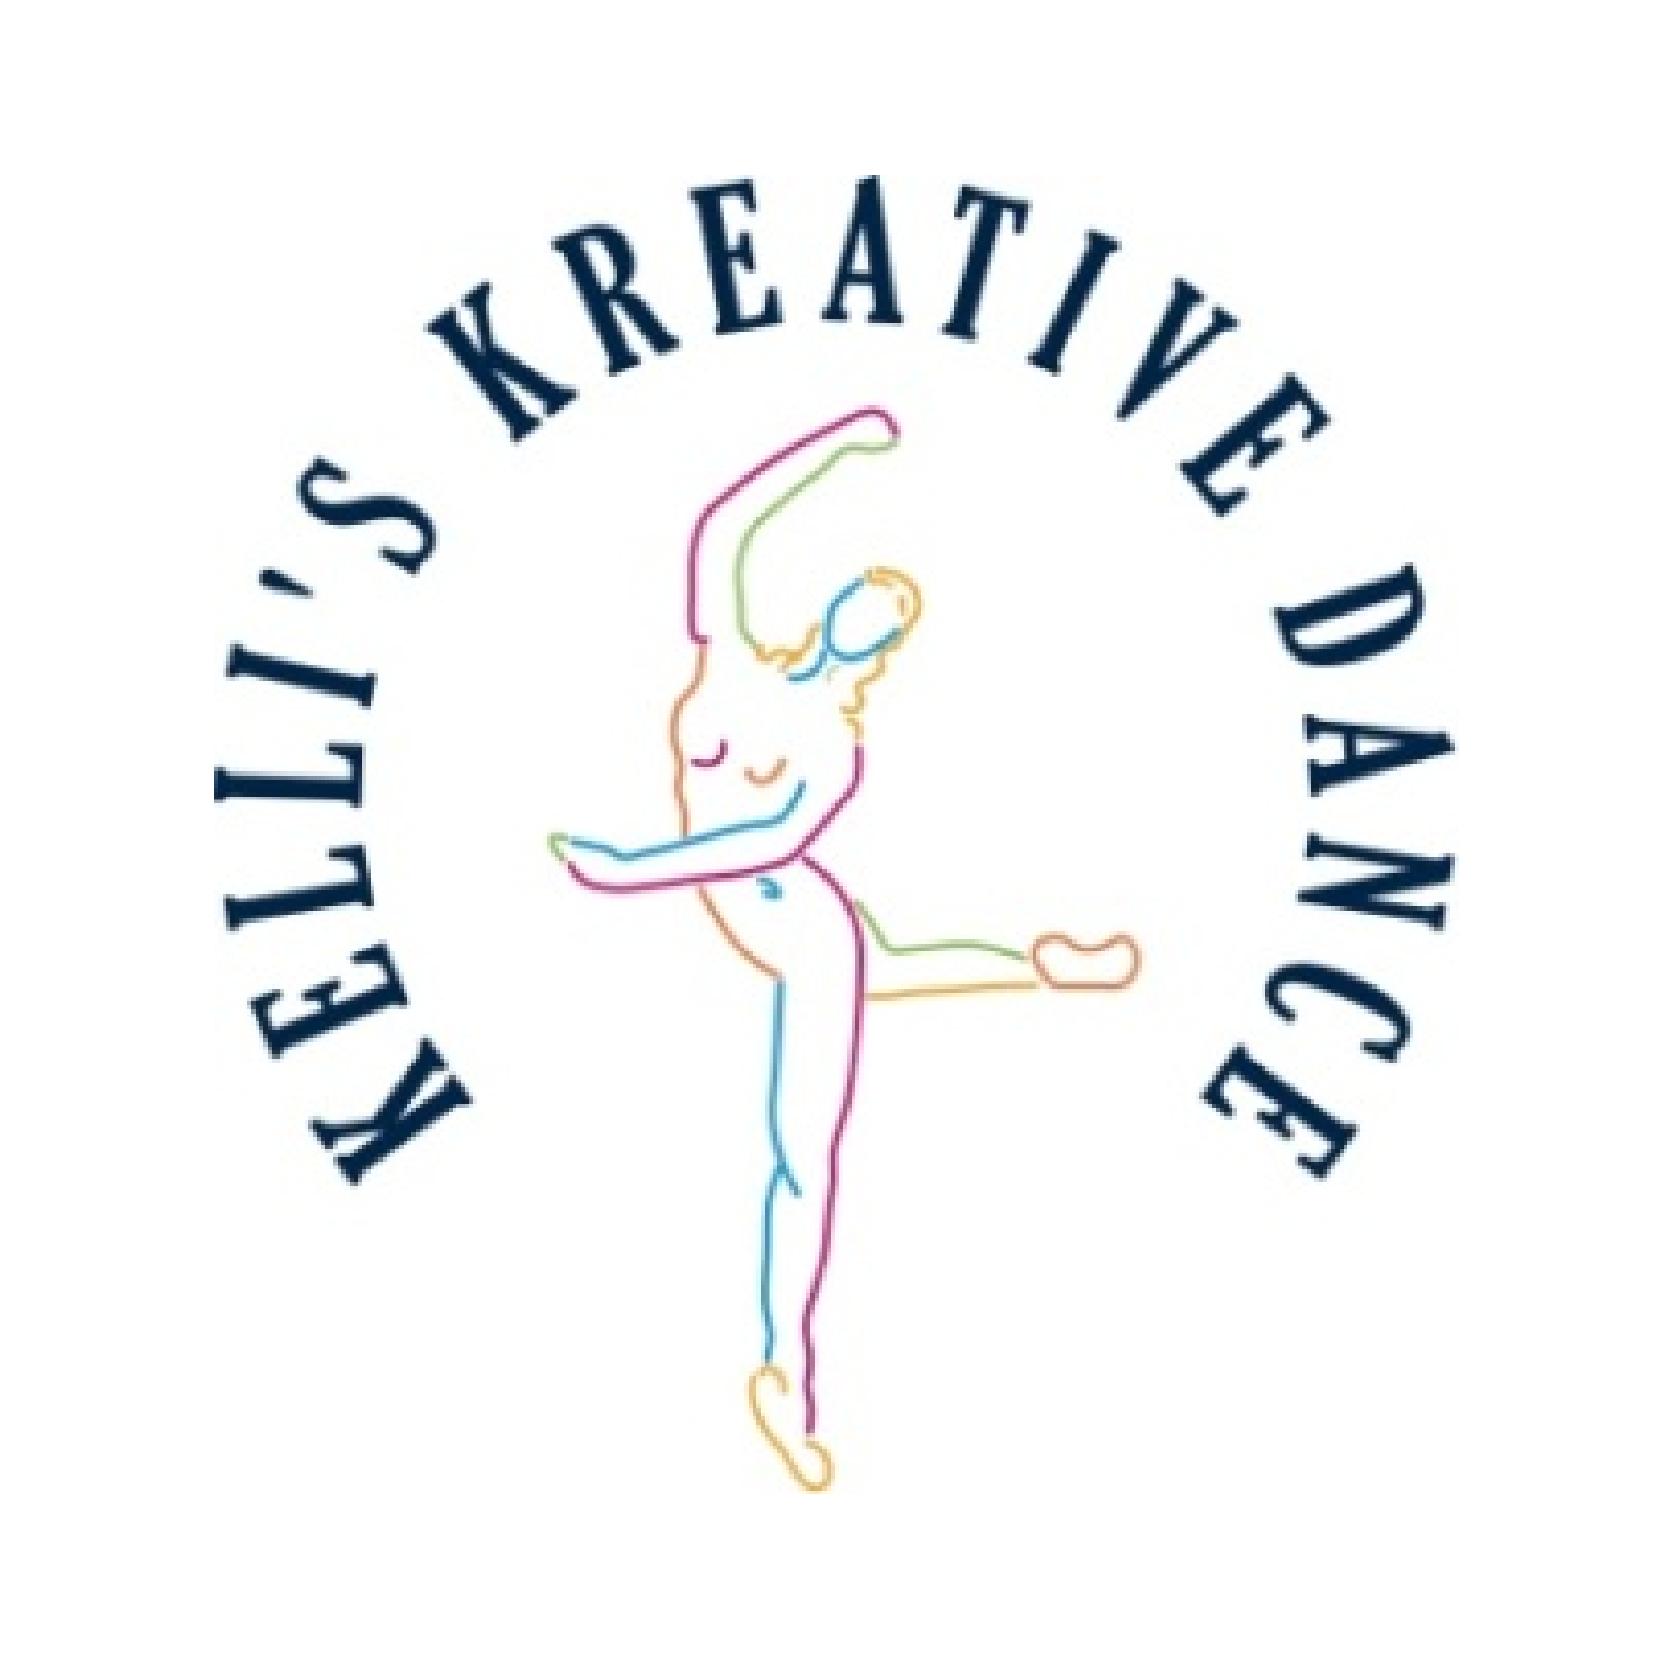 Kelli's Kreative Dance Revue